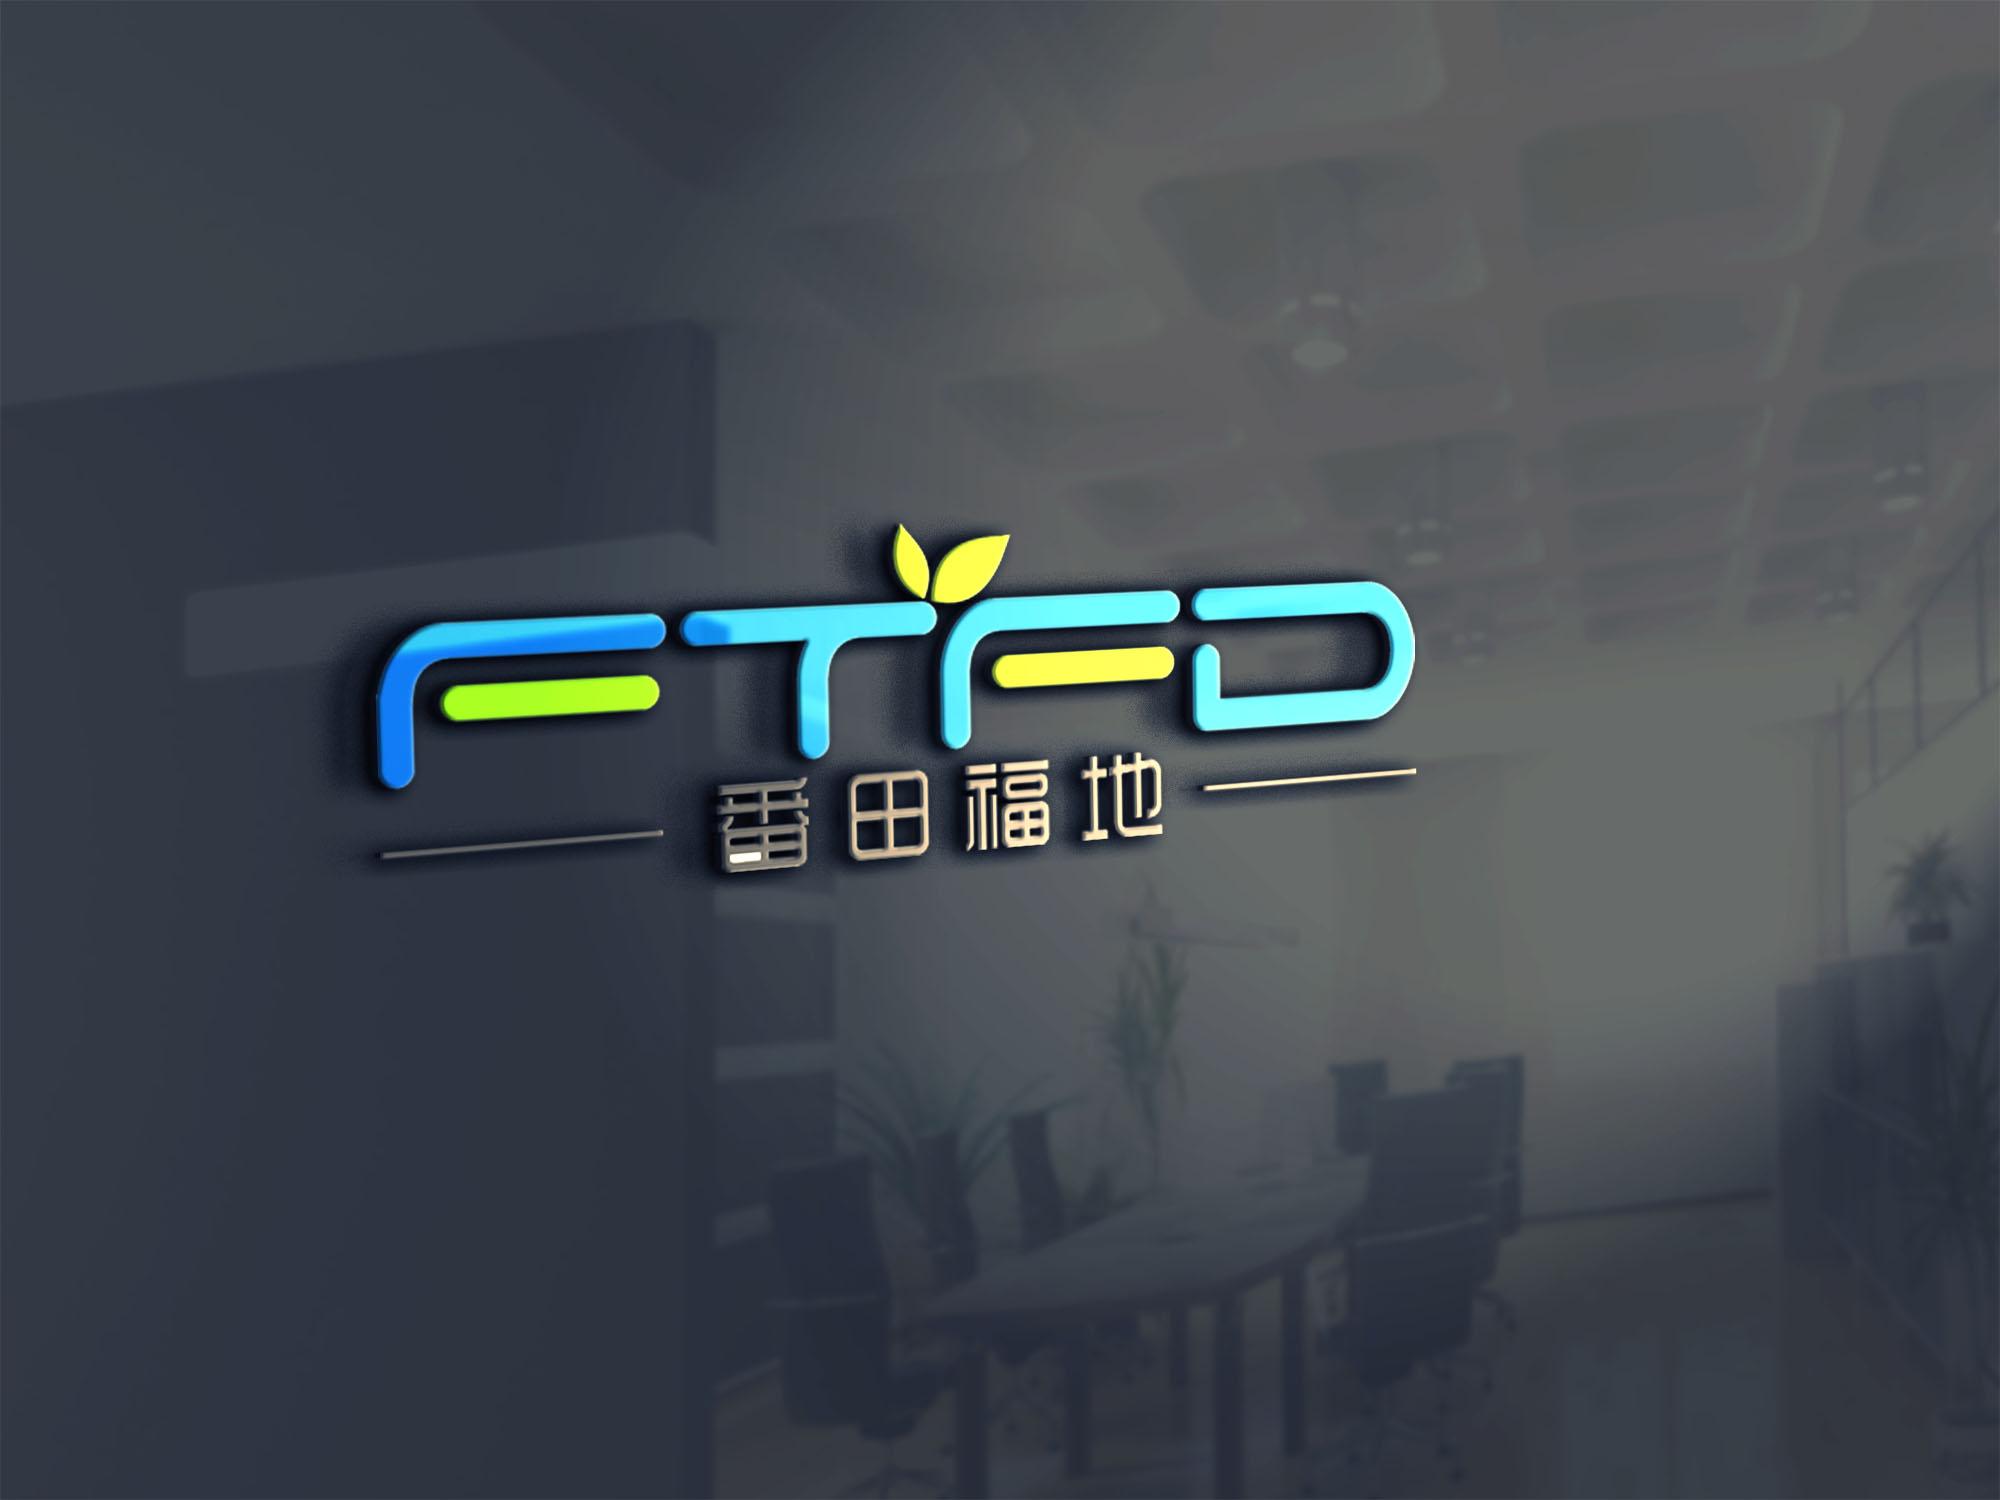 """铁棍山药商标""""番田福地""""logo设计_2959226_k68威客网"""